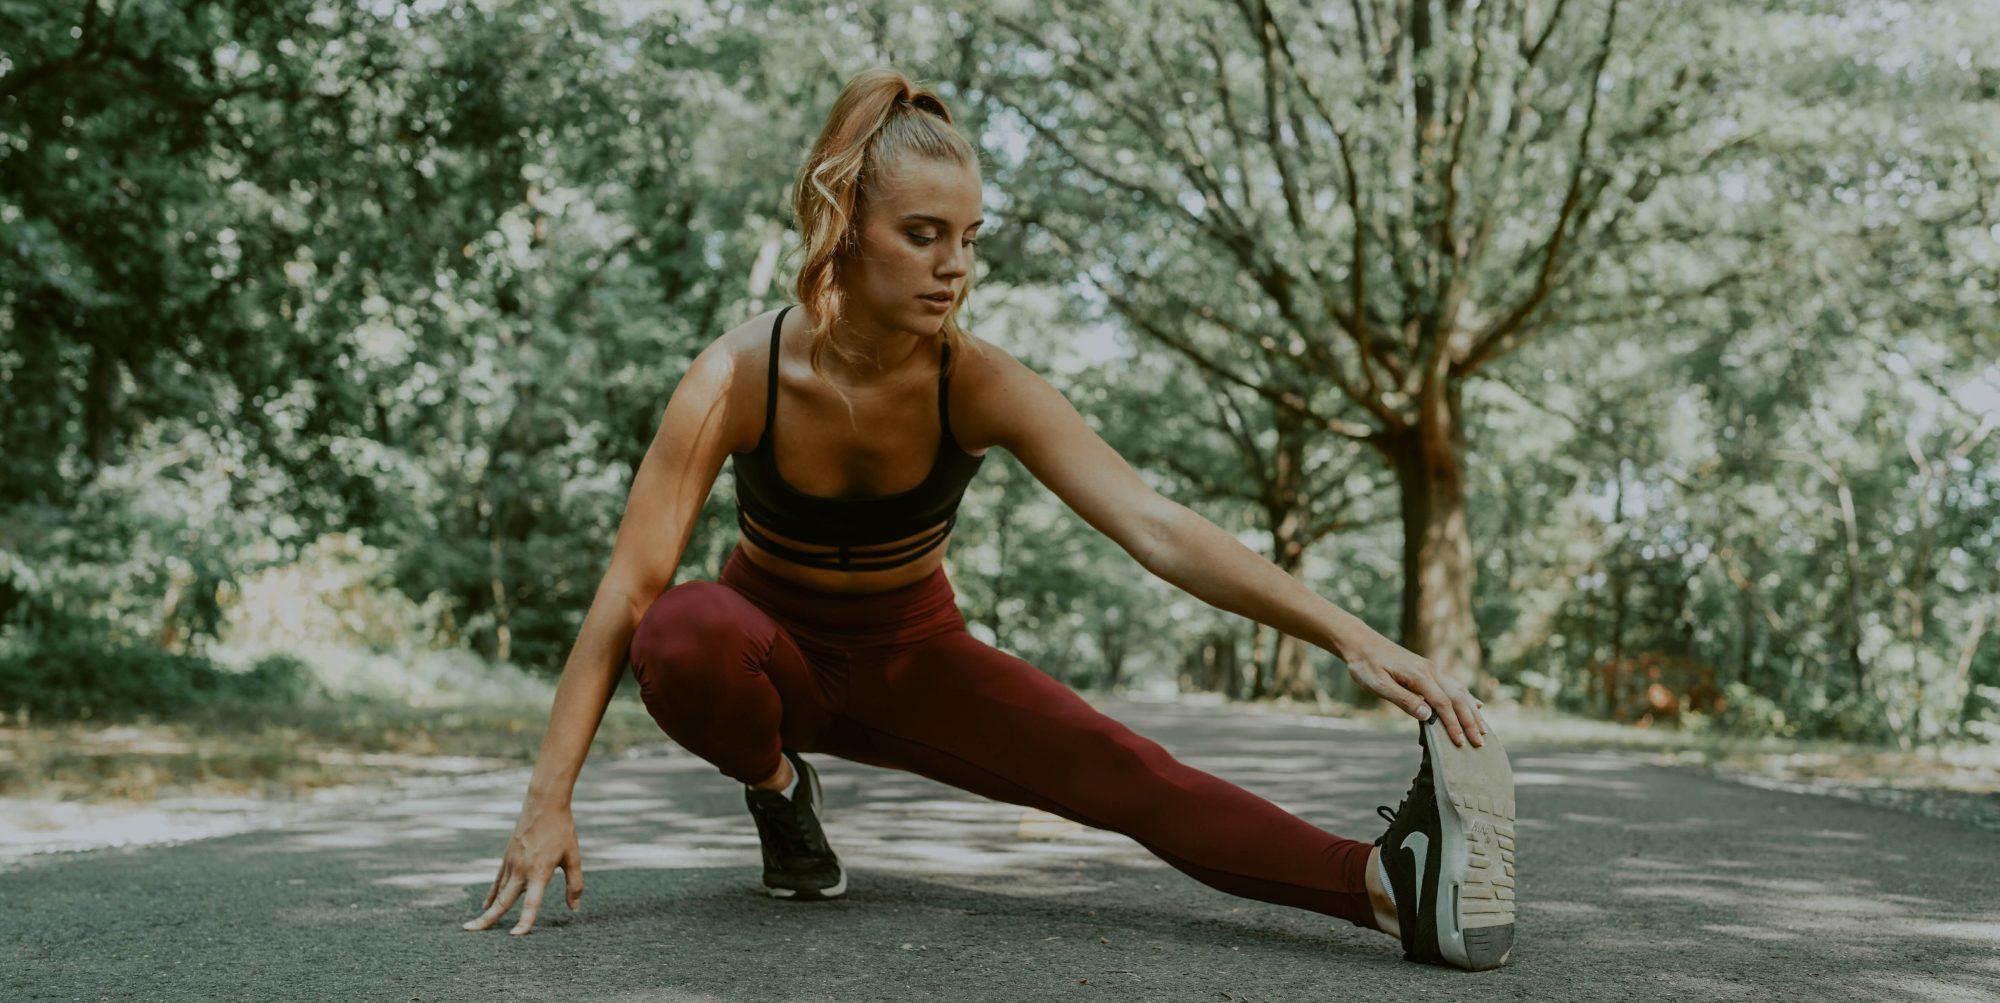 Tabata Training: Τελικά αυτό το είδος προπόνησης γιατί είναι τόσο δημοφιλές; Το Tabata είναι ιδανικό εάν έχεις λίγο χρόνο, πρέπει να αλλάξεις τη ρουτίνα σου ή θέλεις να βελτιώσεις την αντοχή και την ταχύτητα.